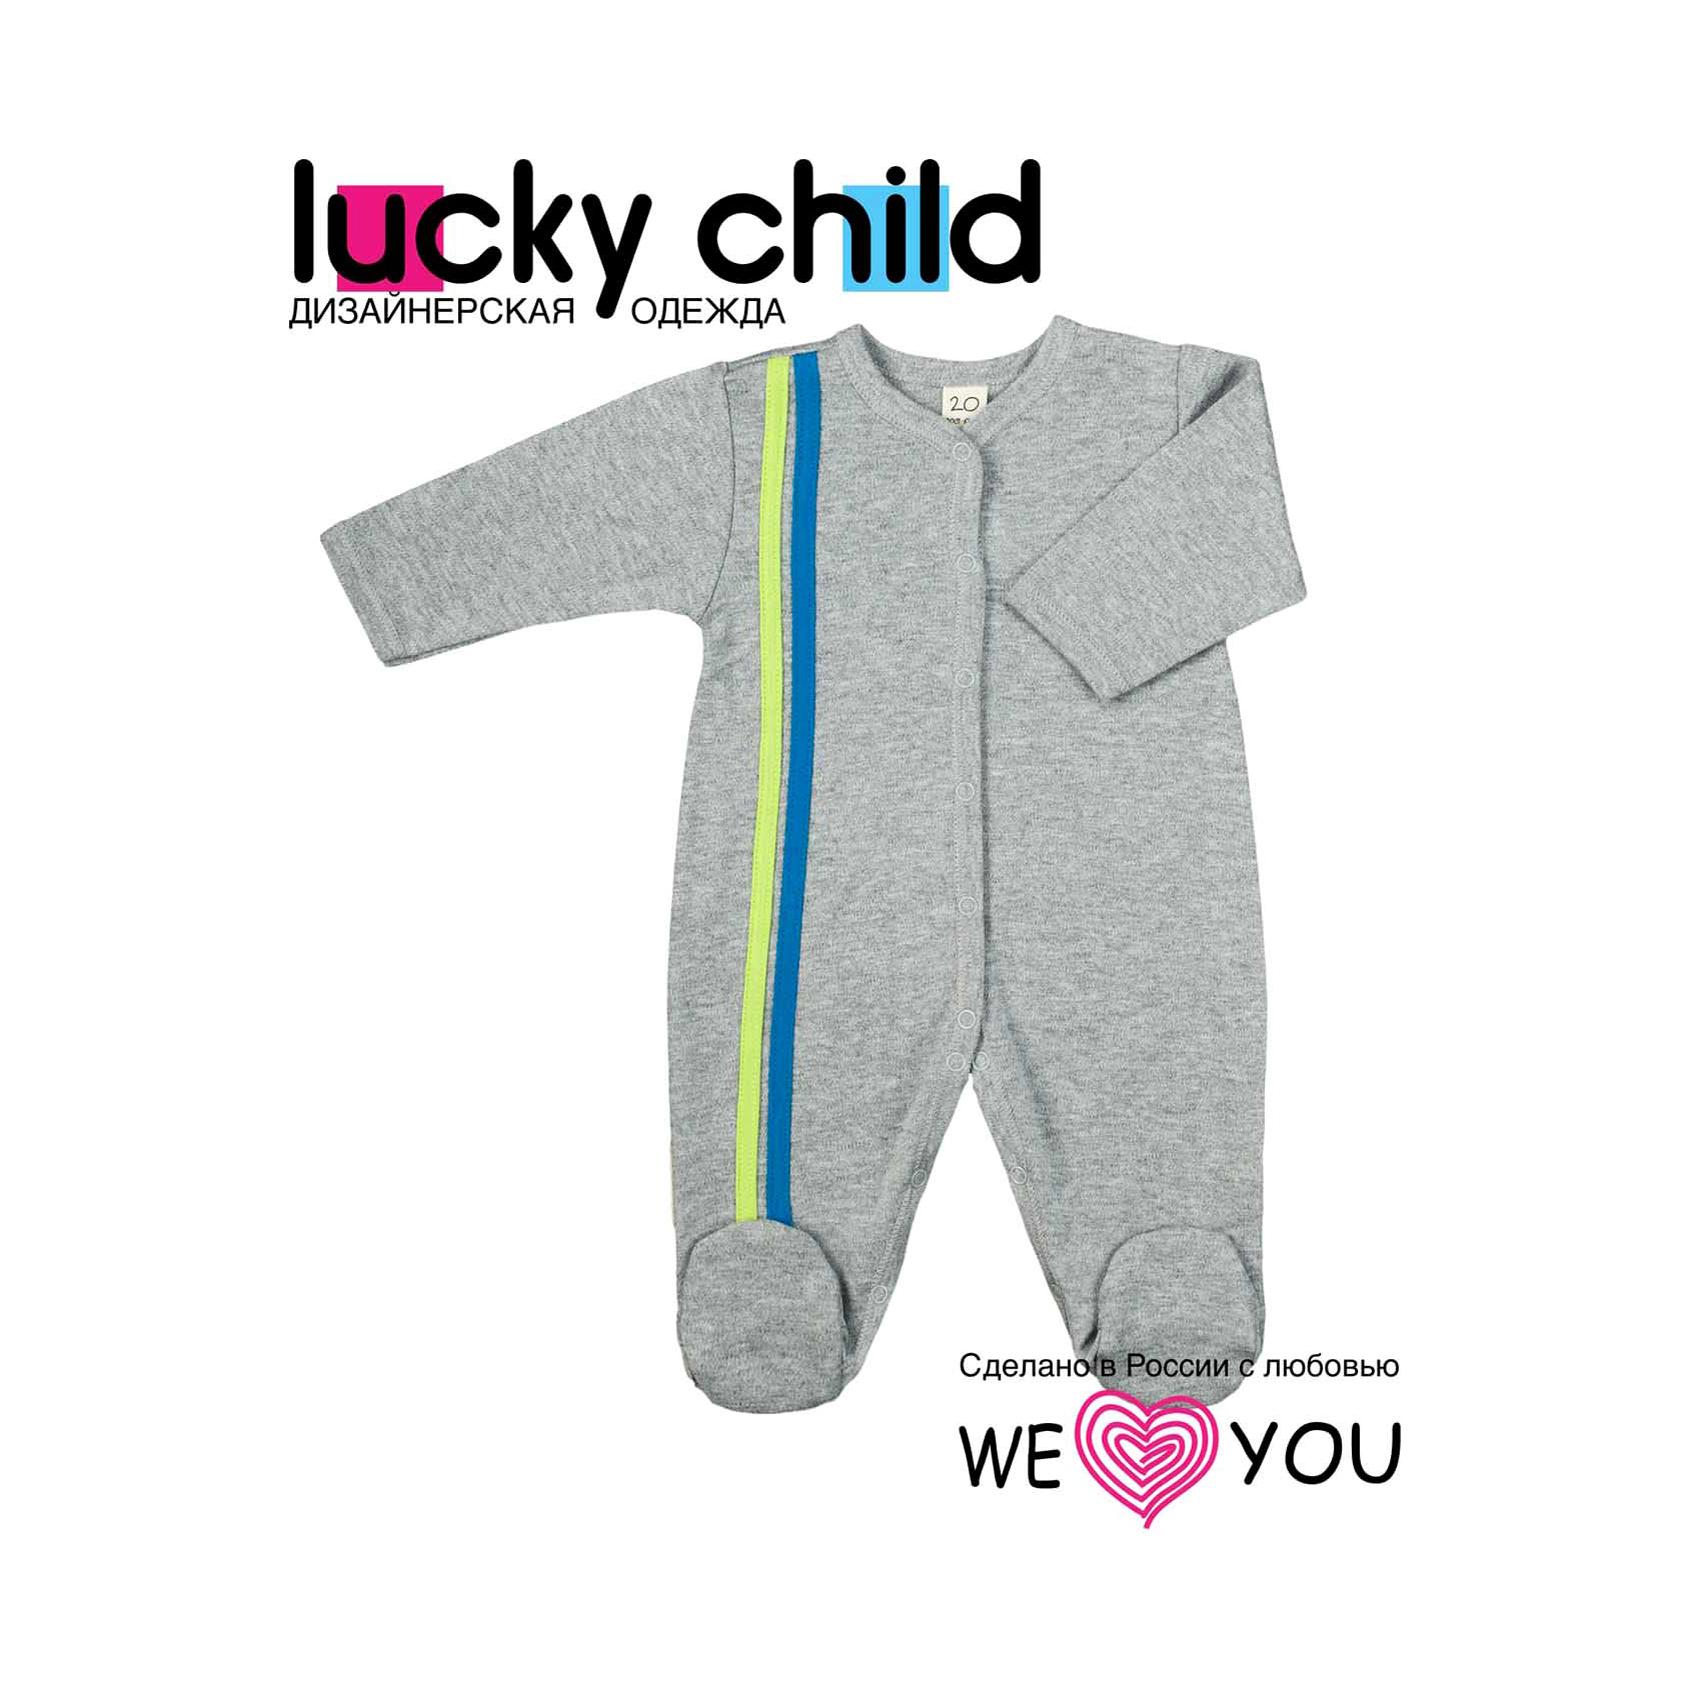 Комбинезон Lucky Child коллекция Спортивная линия, для мальчика размер 50<br>